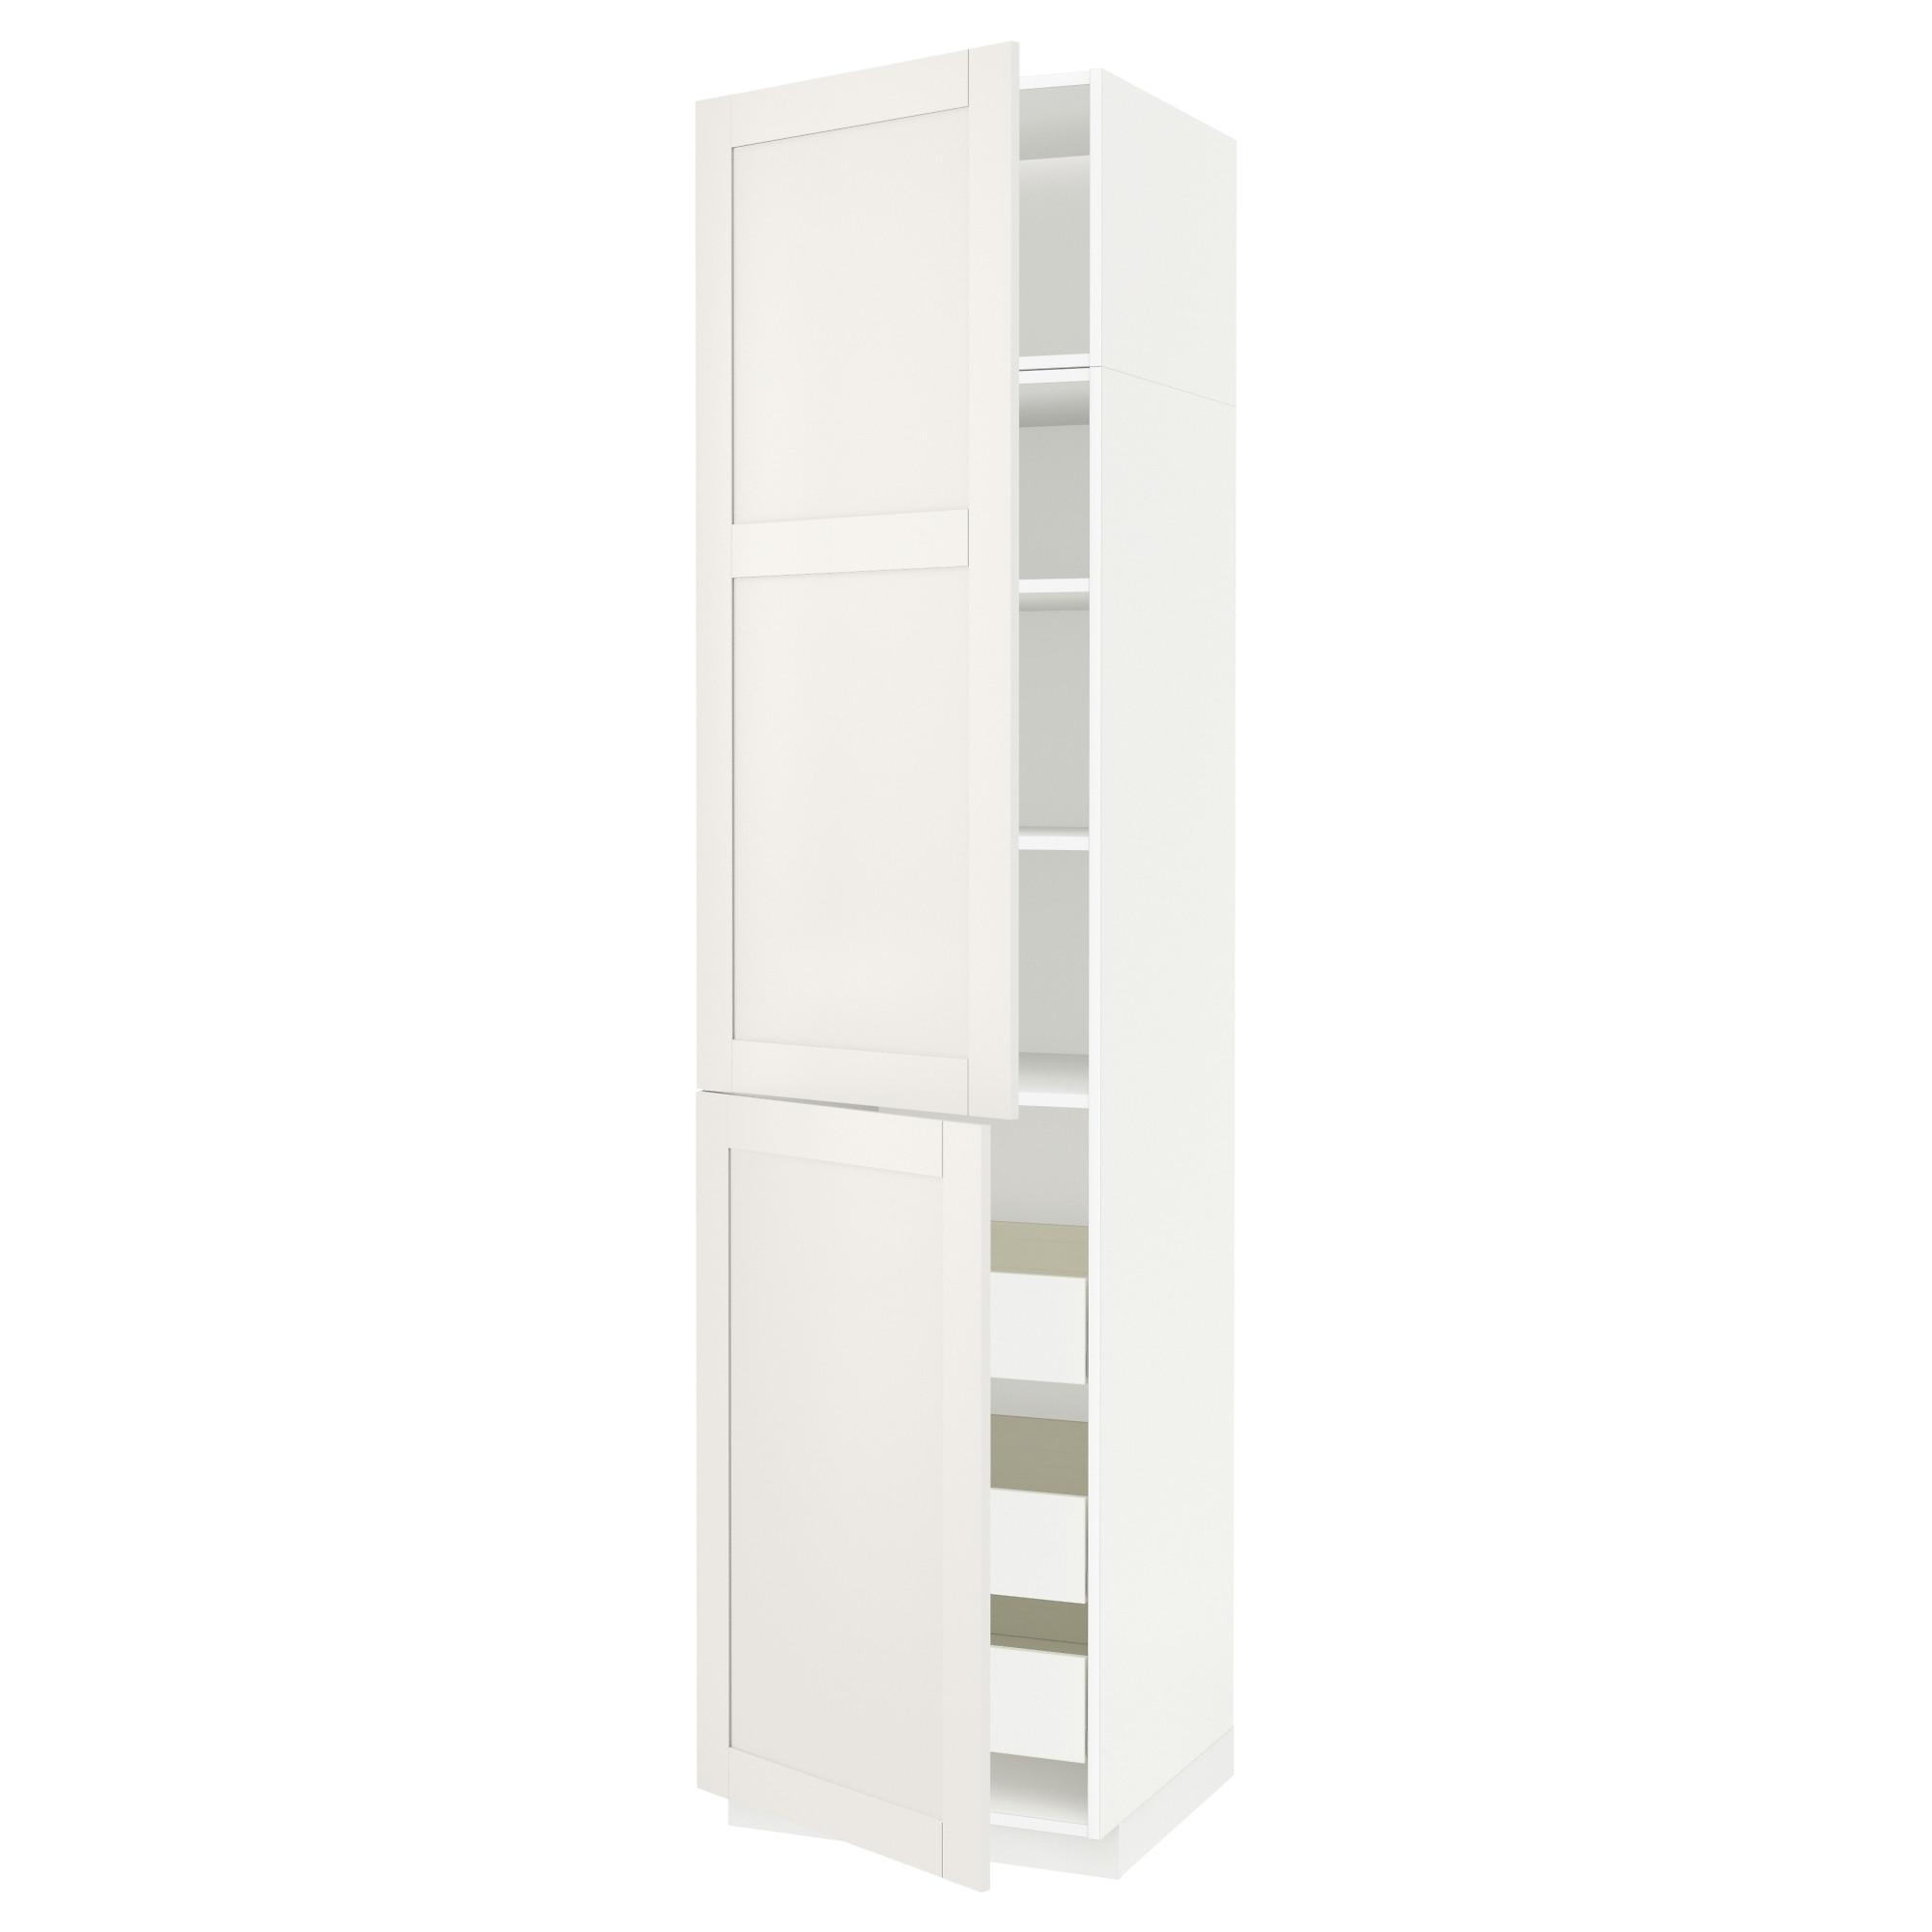 Высокий шкаф + полки, 3 ящика, 2 дверцы МЕТОД / ФОРВАРА белый артикуль № 192.658.06 в наличии. Online сайт IKEA Беларусь. Недорогая доставка и установка.